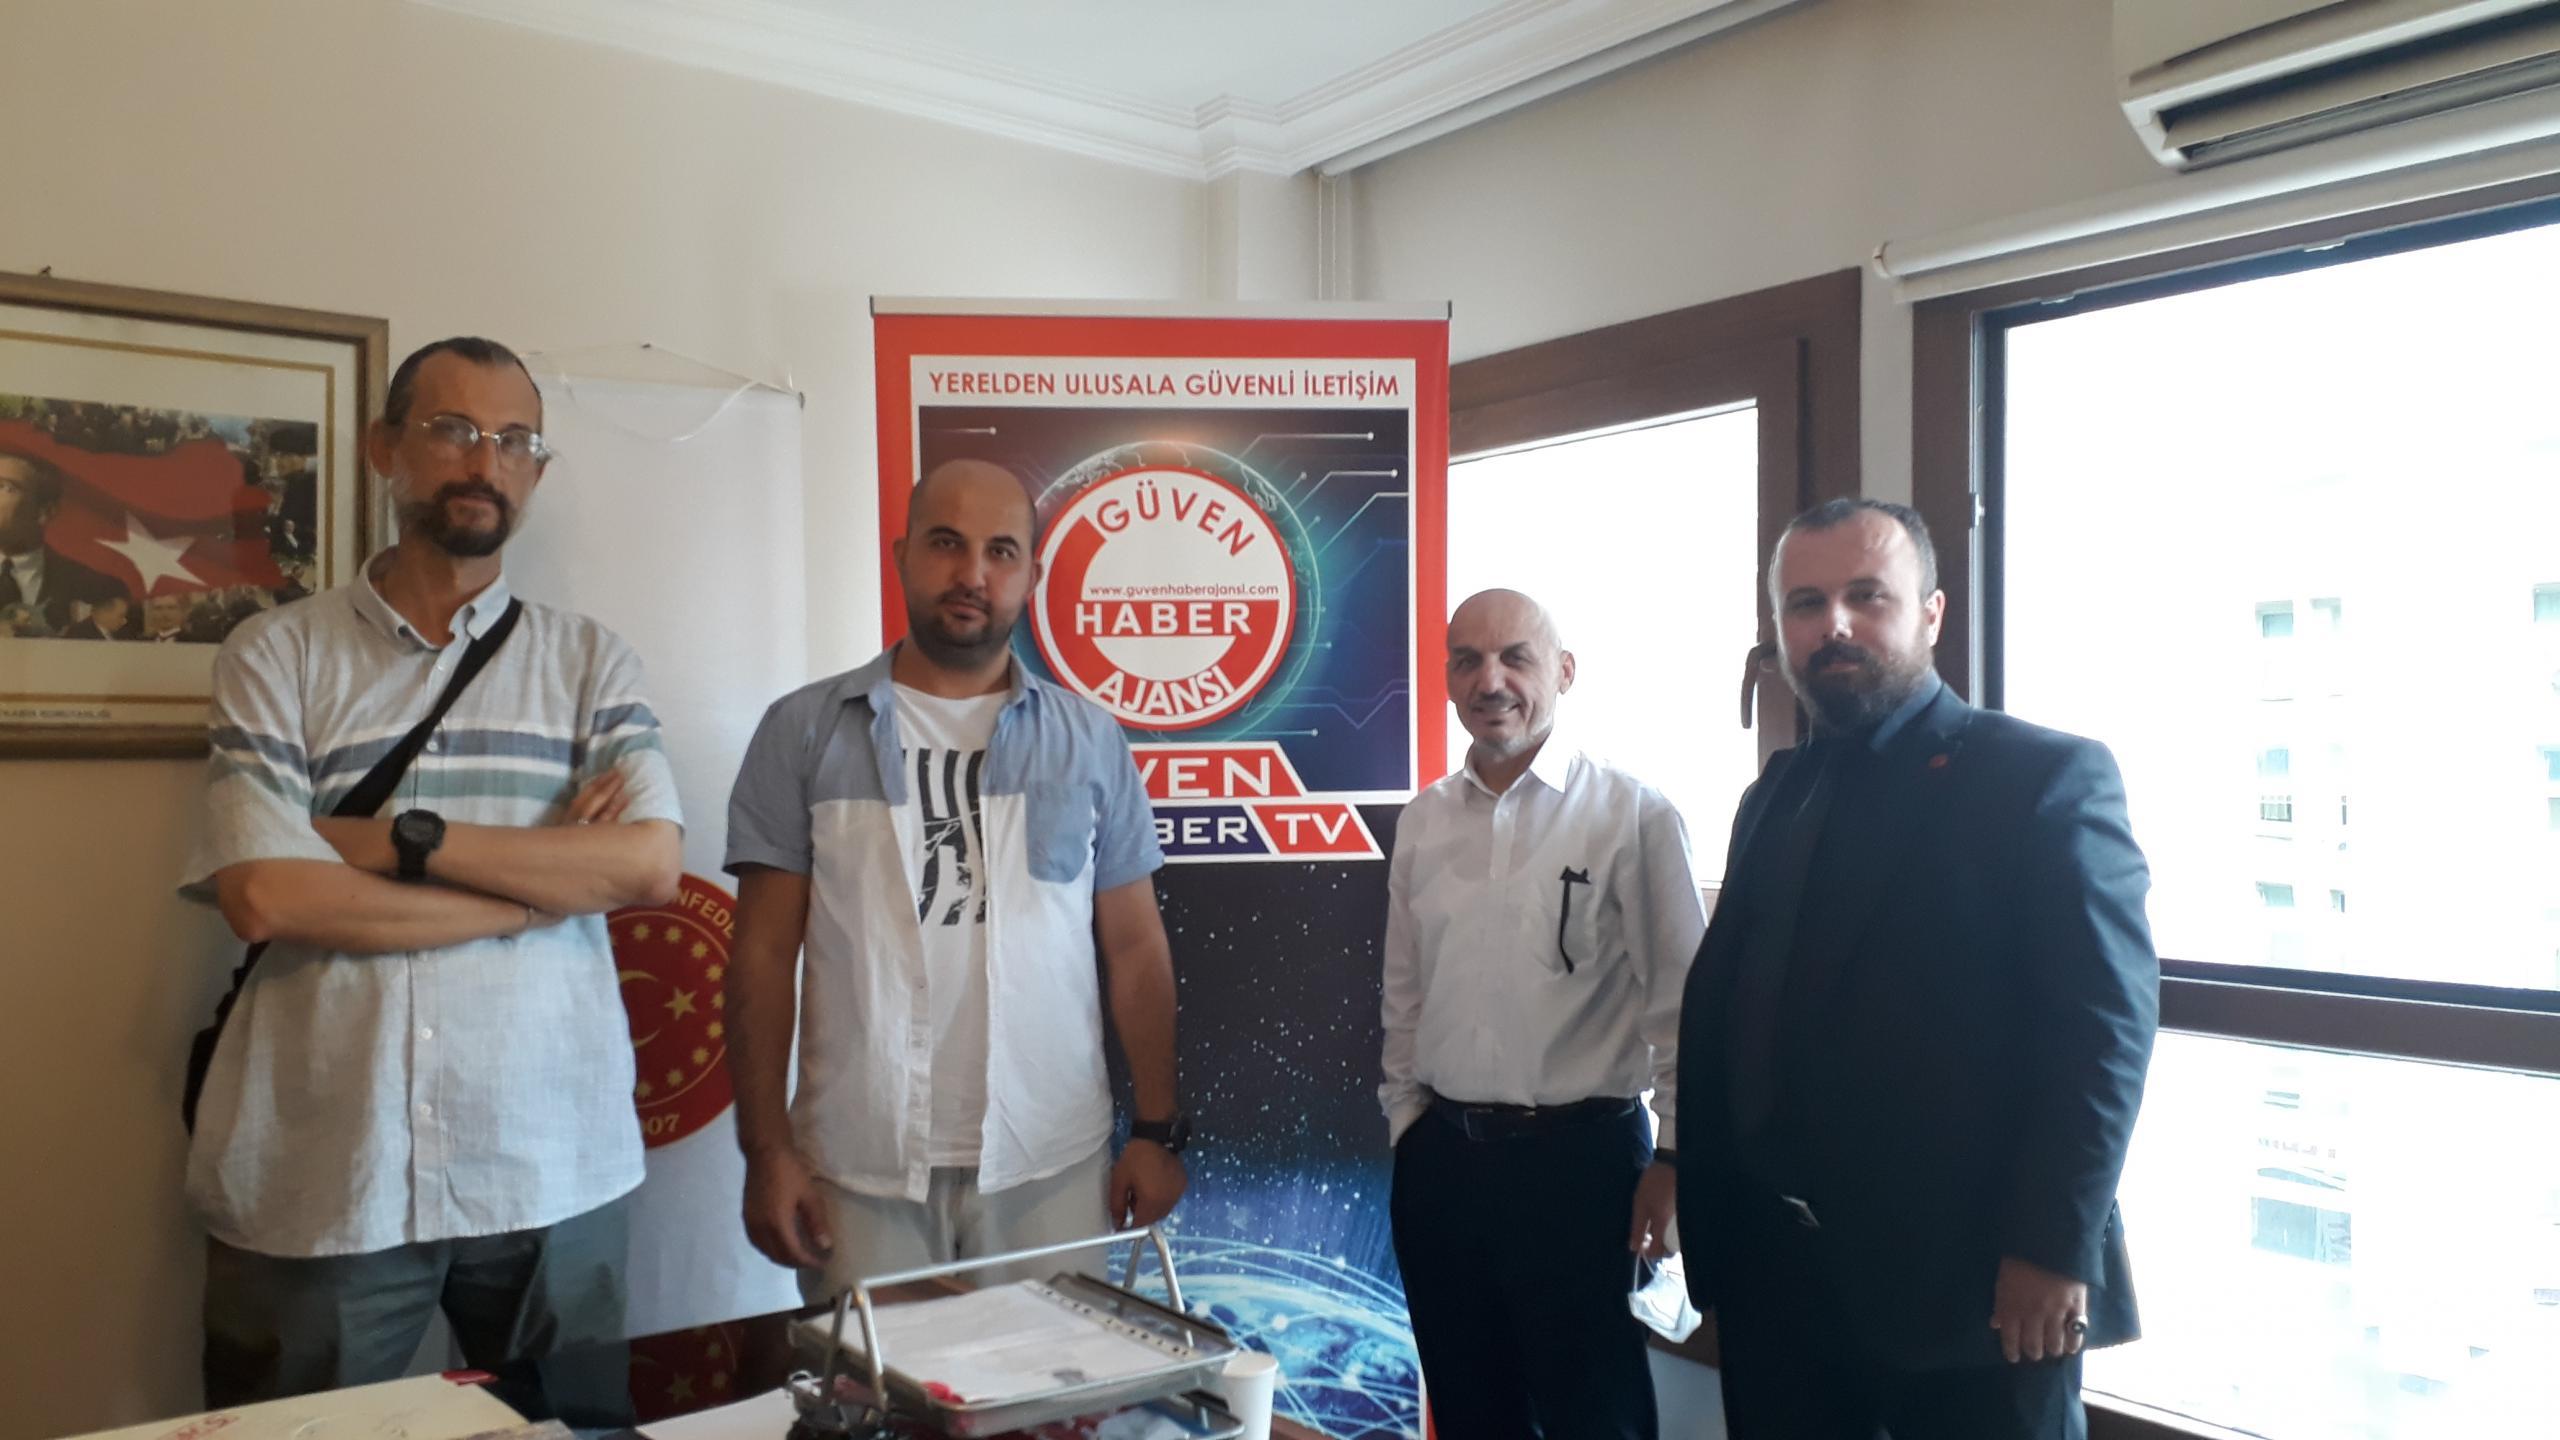 TÜMSAD'tan Güven Haber Ailesine Anlamlı Ziyaret